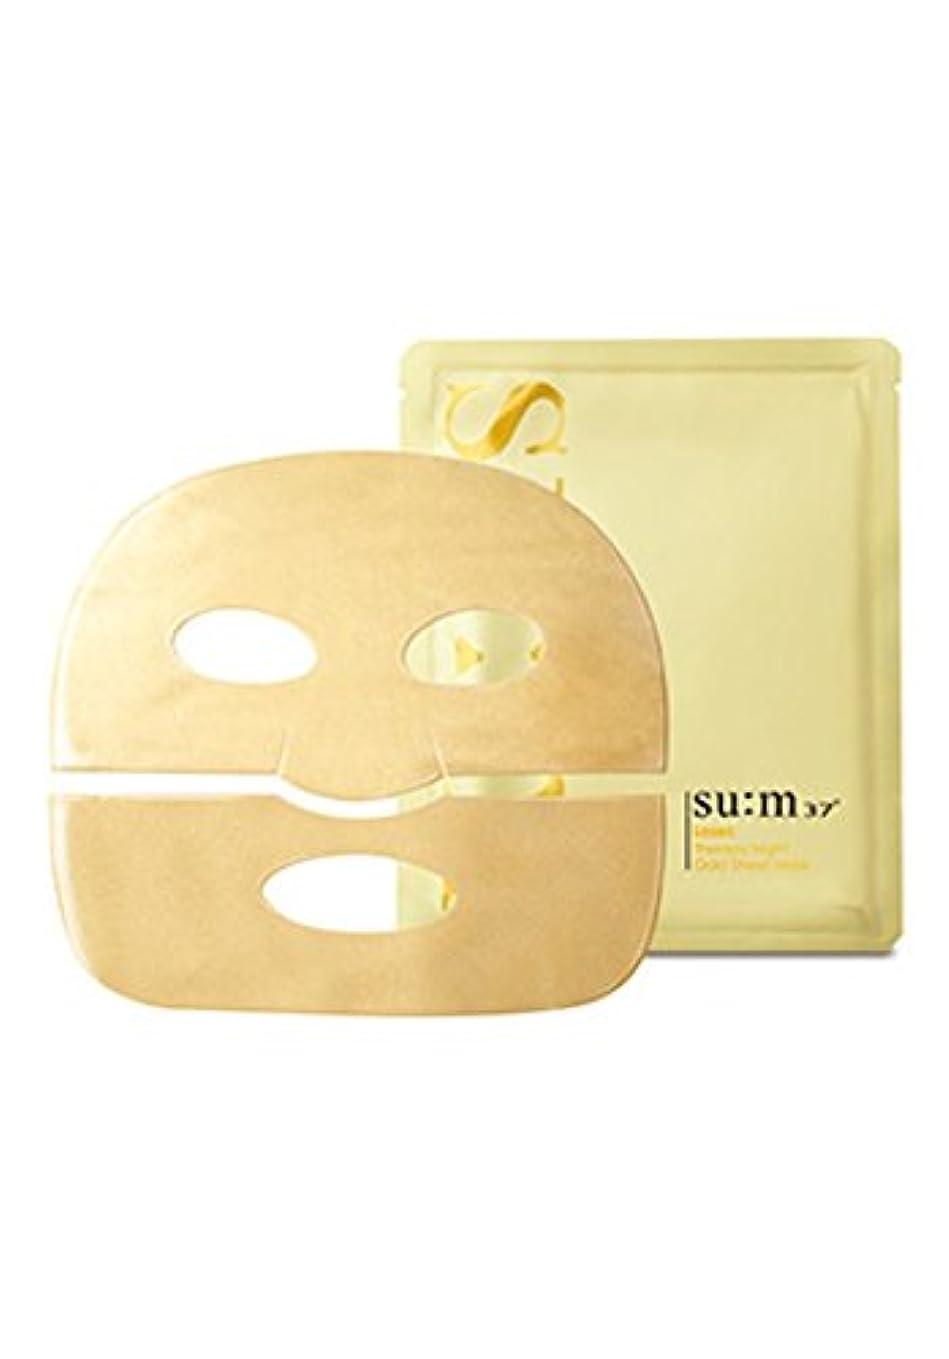 苦行ボード電話するsu:m37° Losec Therapy Night Gold Sheet Mask 7Sheets/スム37° ロセック セラピー ナイト ゴールド シートマスク 7枚